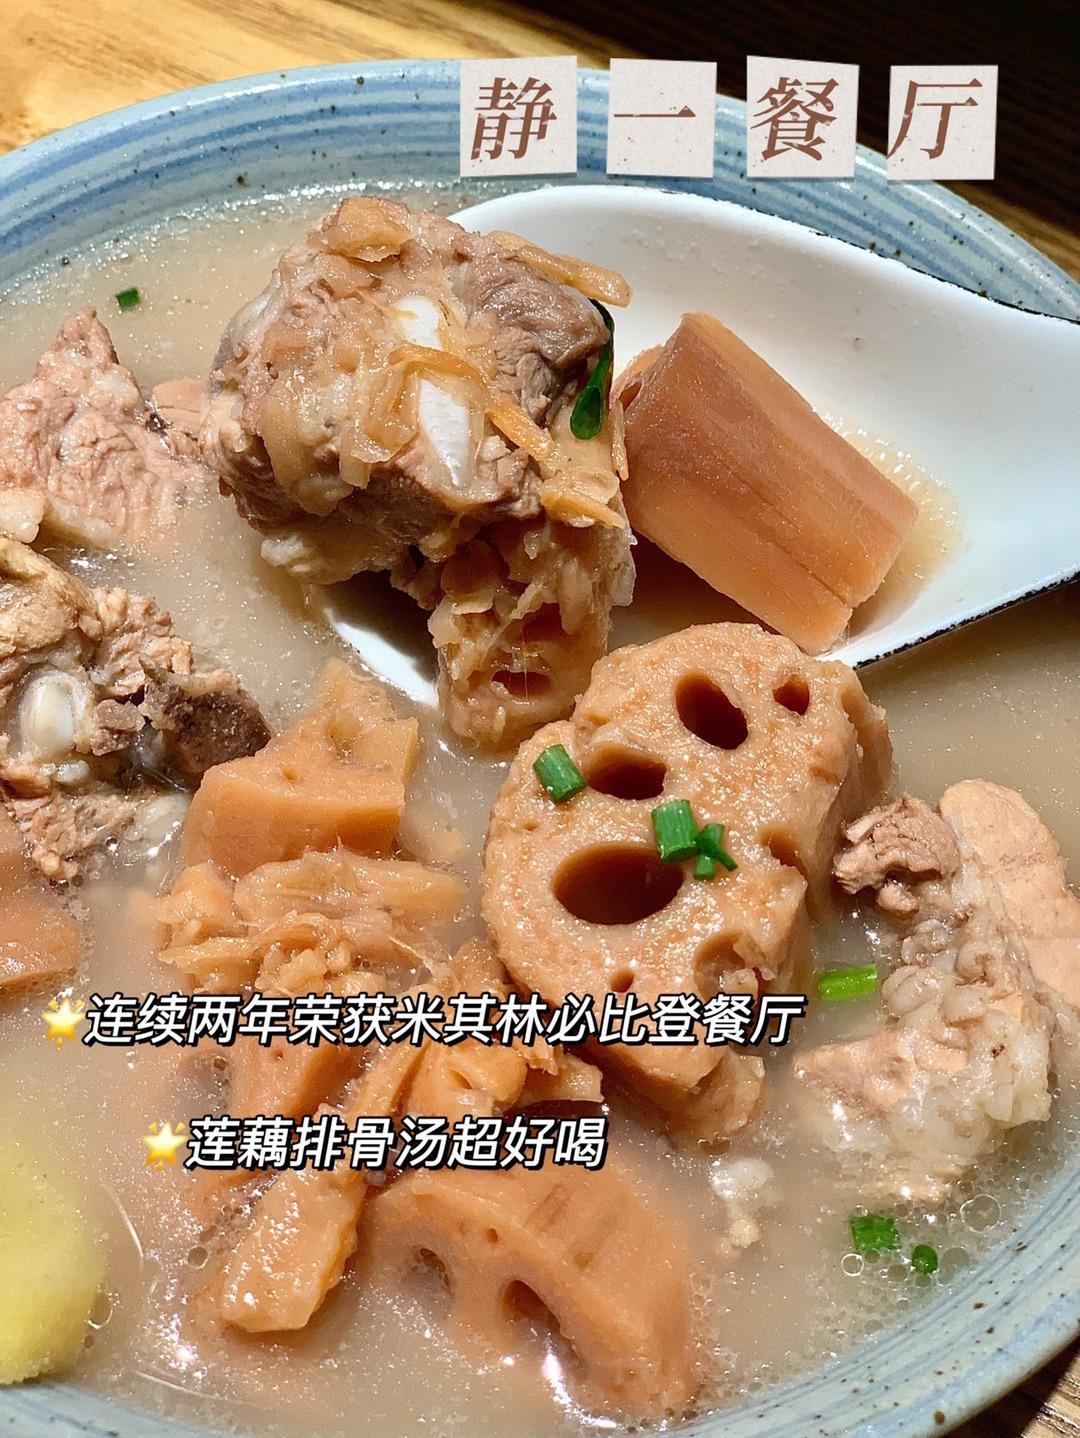 人均不过百的「米其林」湖北菜🤔北京探店